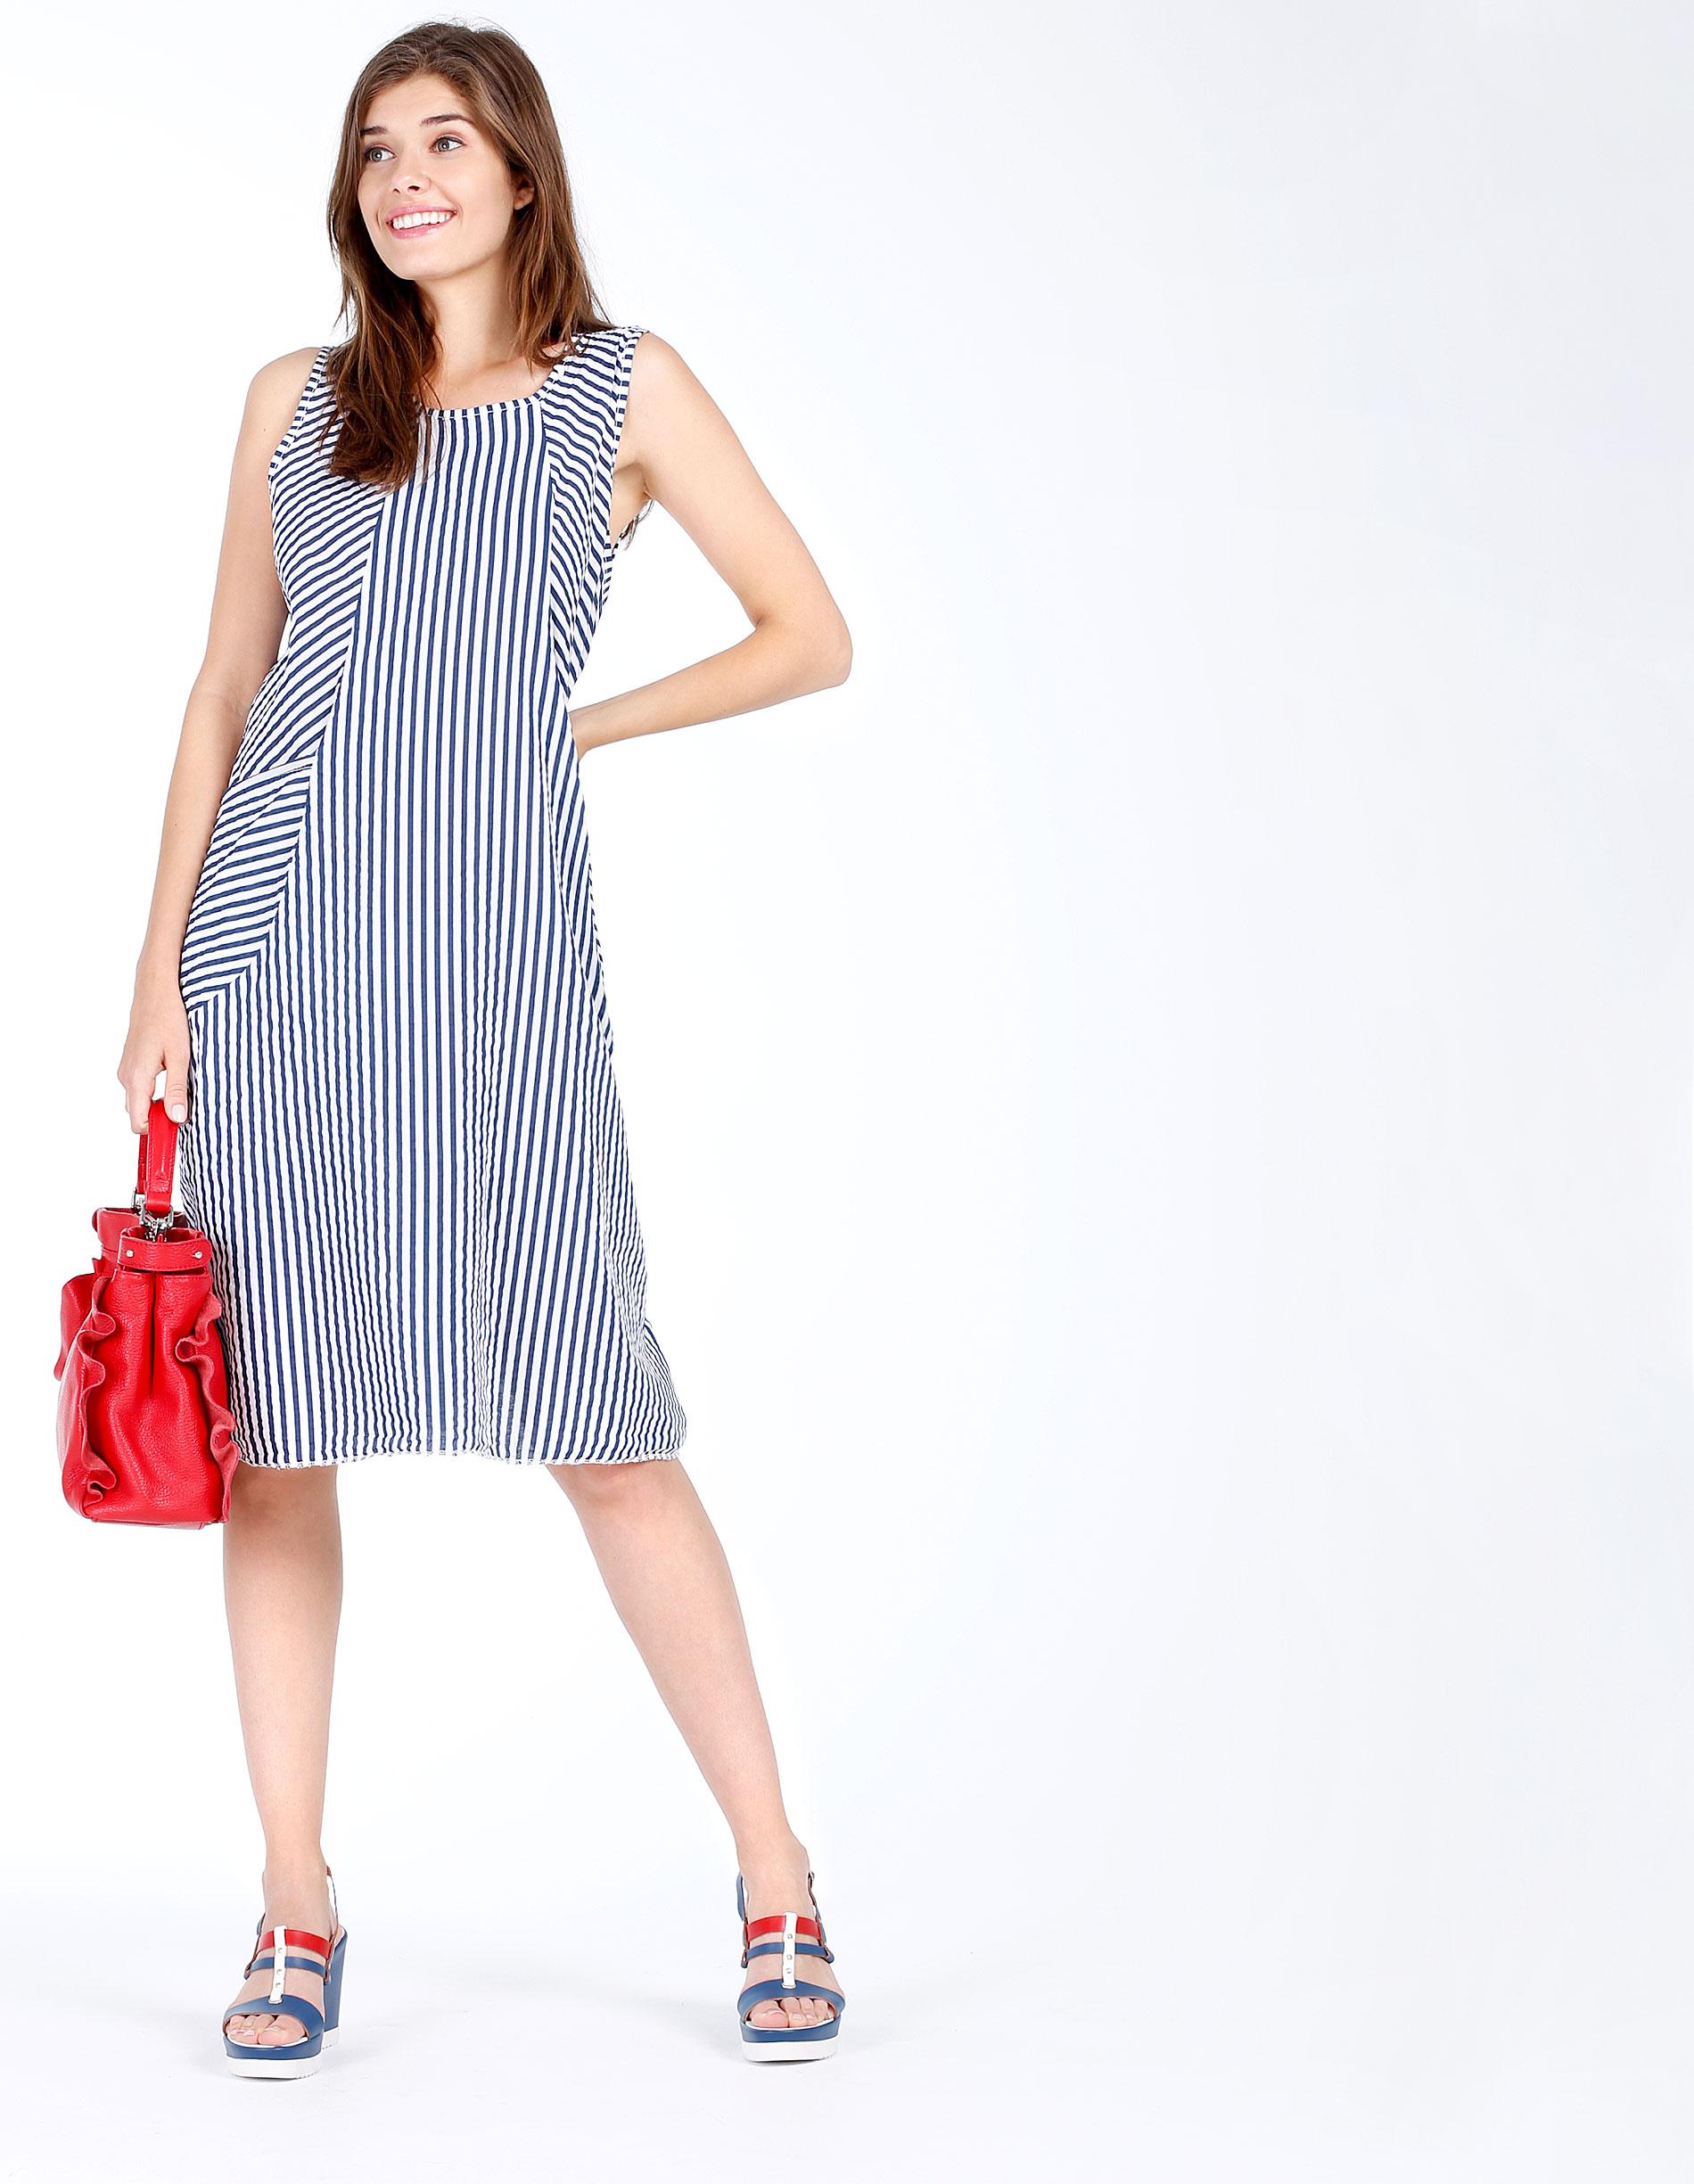 Sukienka - 62-6419 BI-BL - Unisono